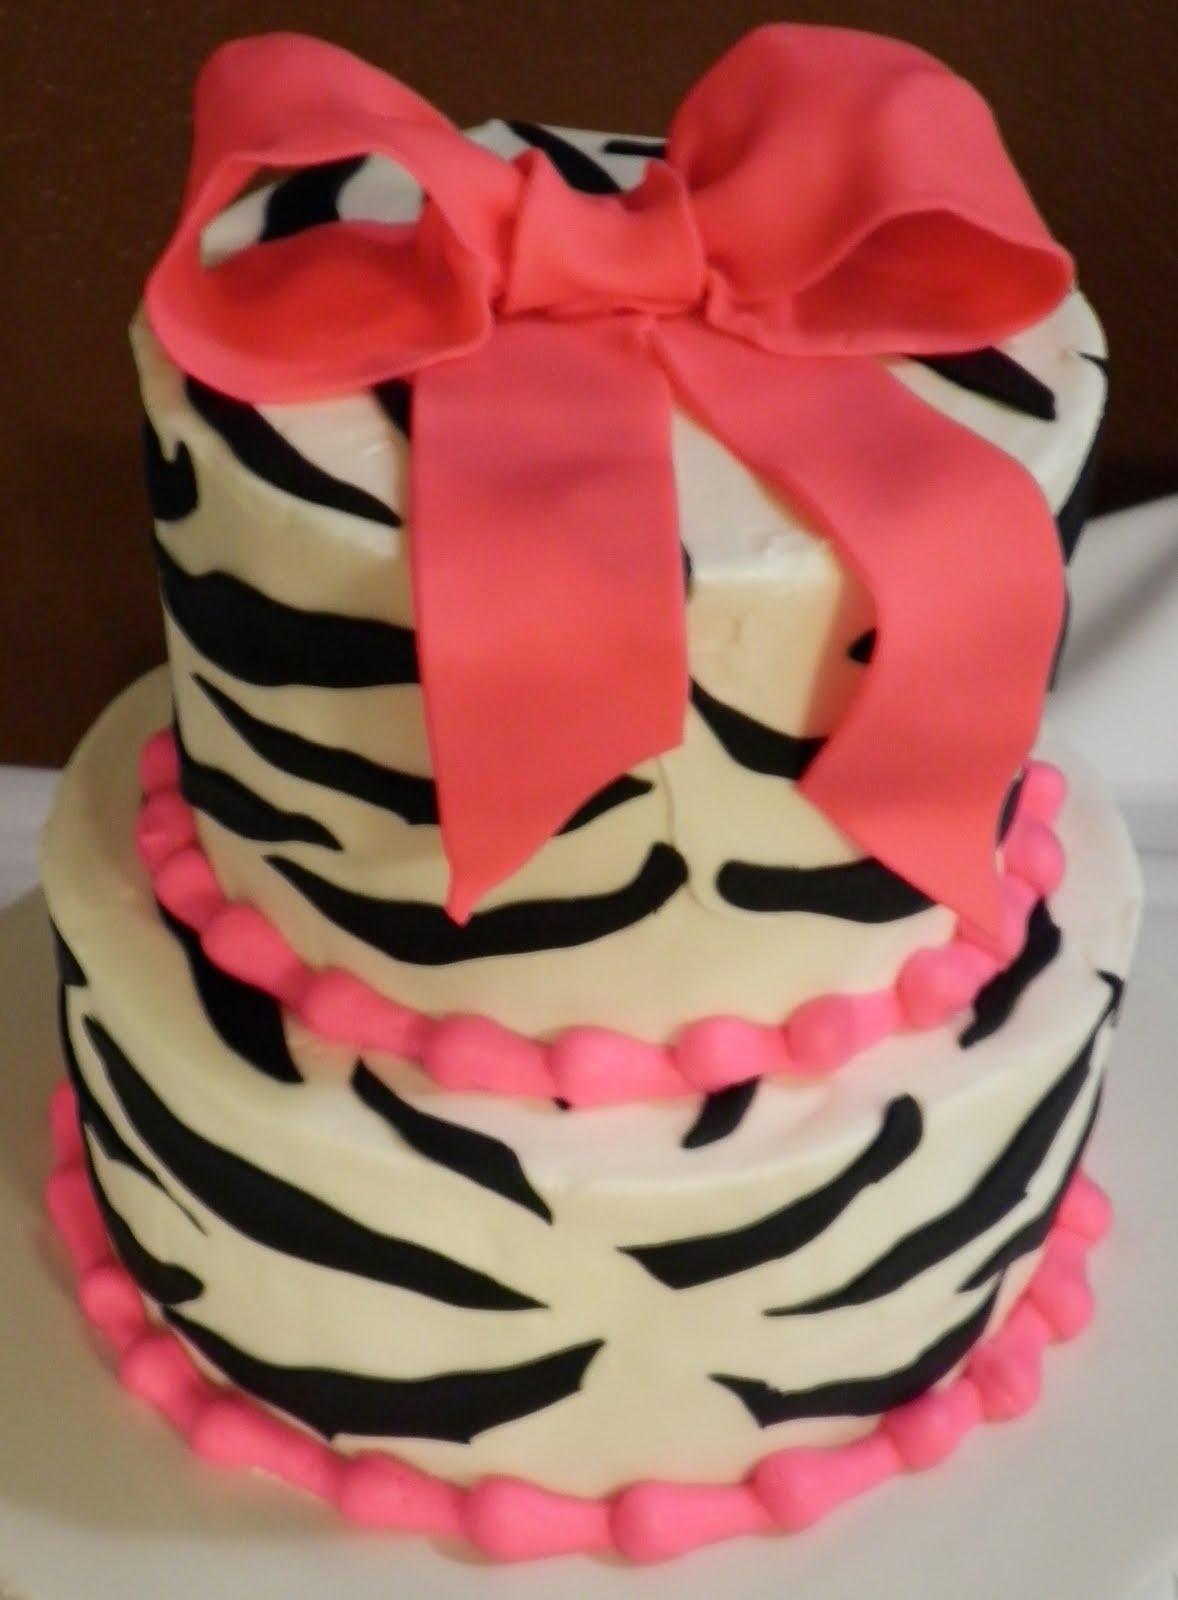 Blanca's Cakery: Zebra Cake